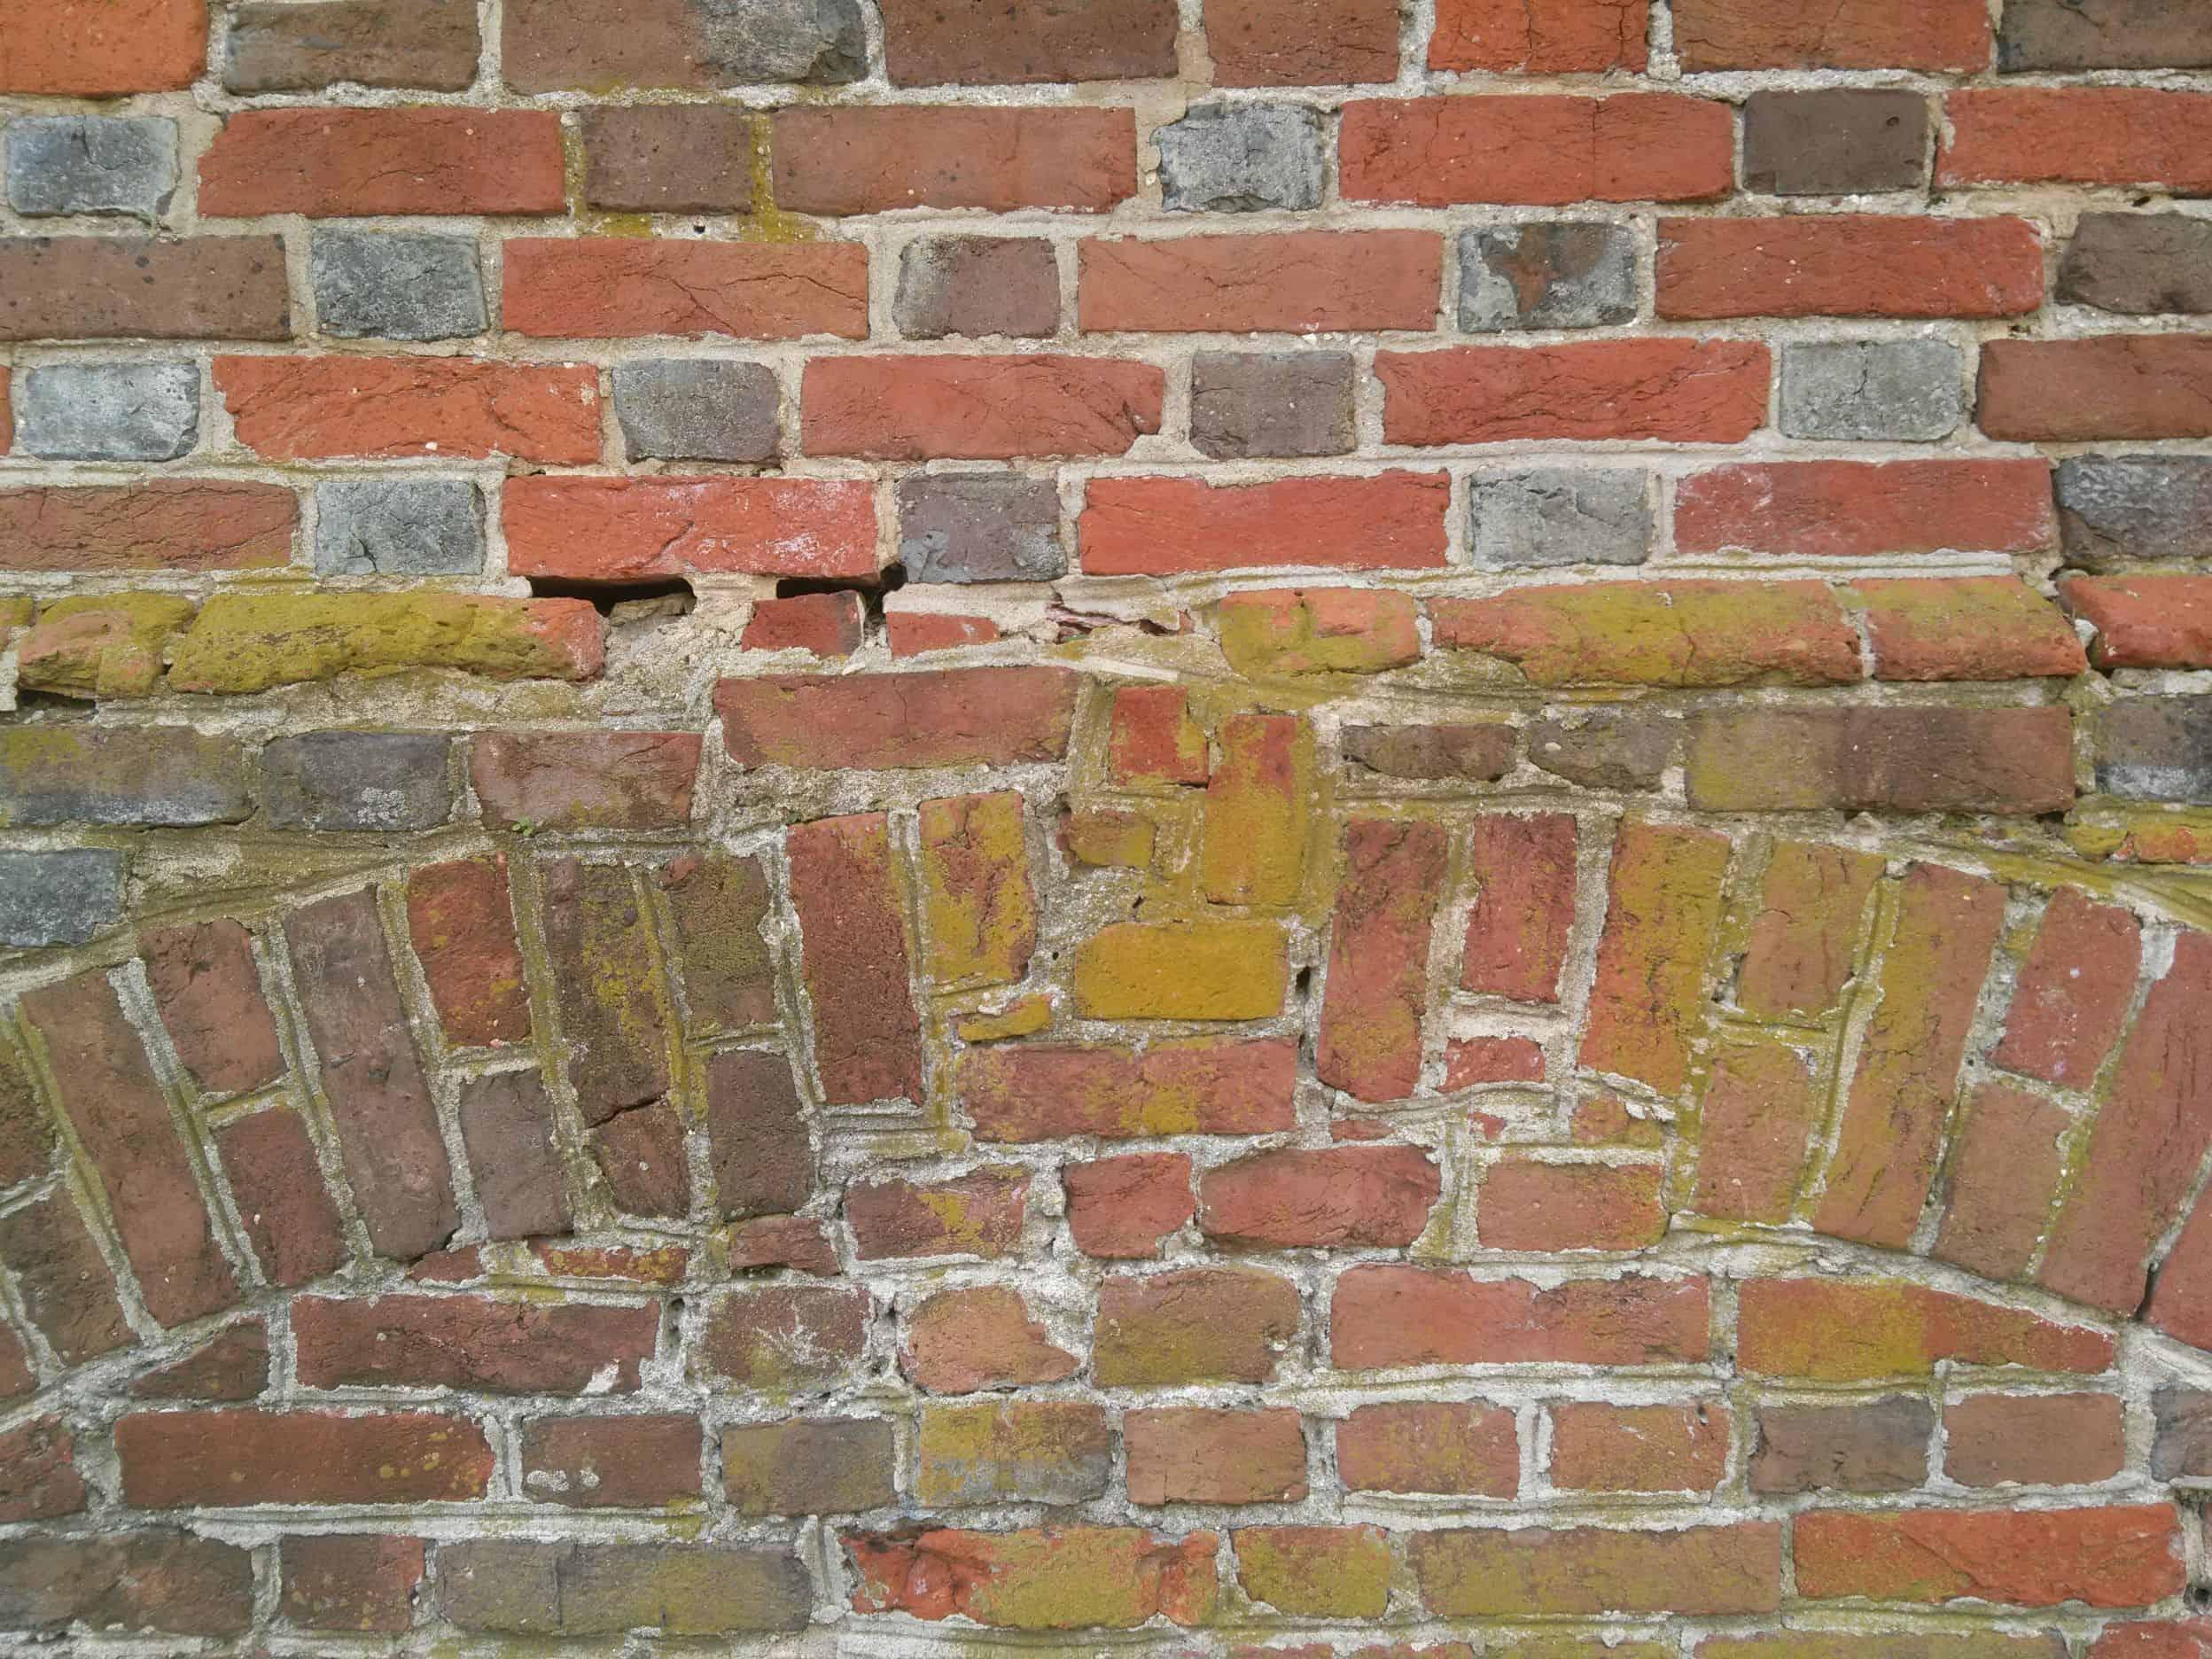 bricks find